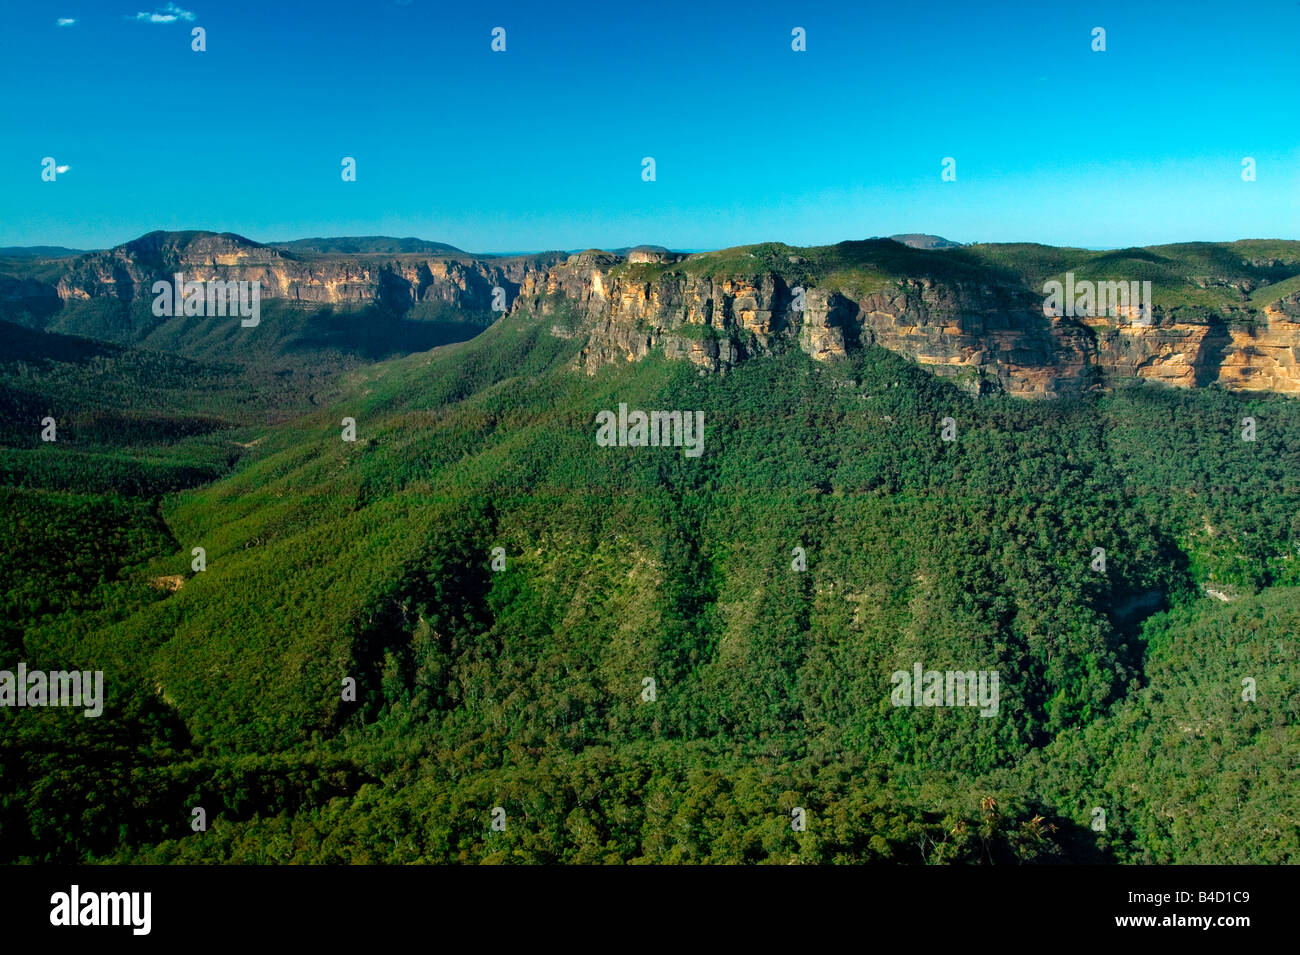 JAMISON VALLEY BLUE MOUNTAINS NSW AUSTRALIA - Stock Image